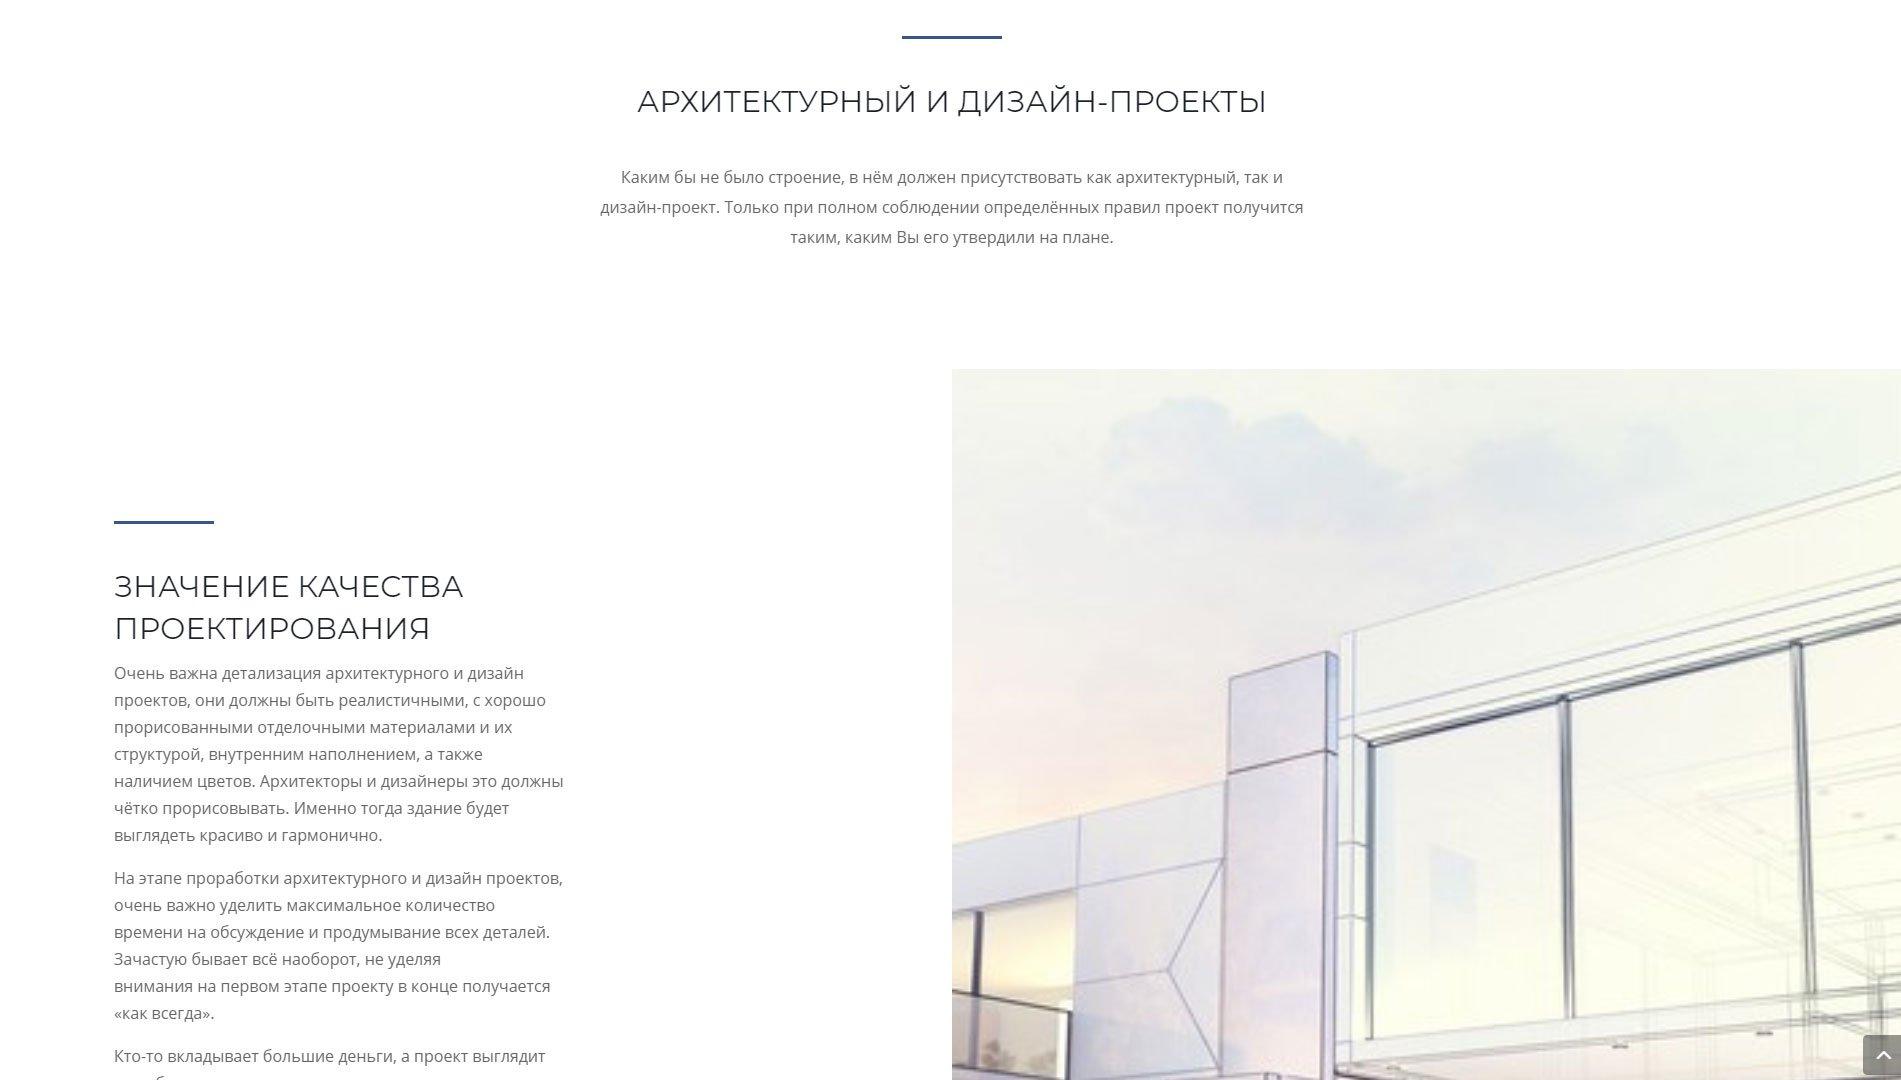 Создание сайта Руководителя строительства в Оренбурге (4)